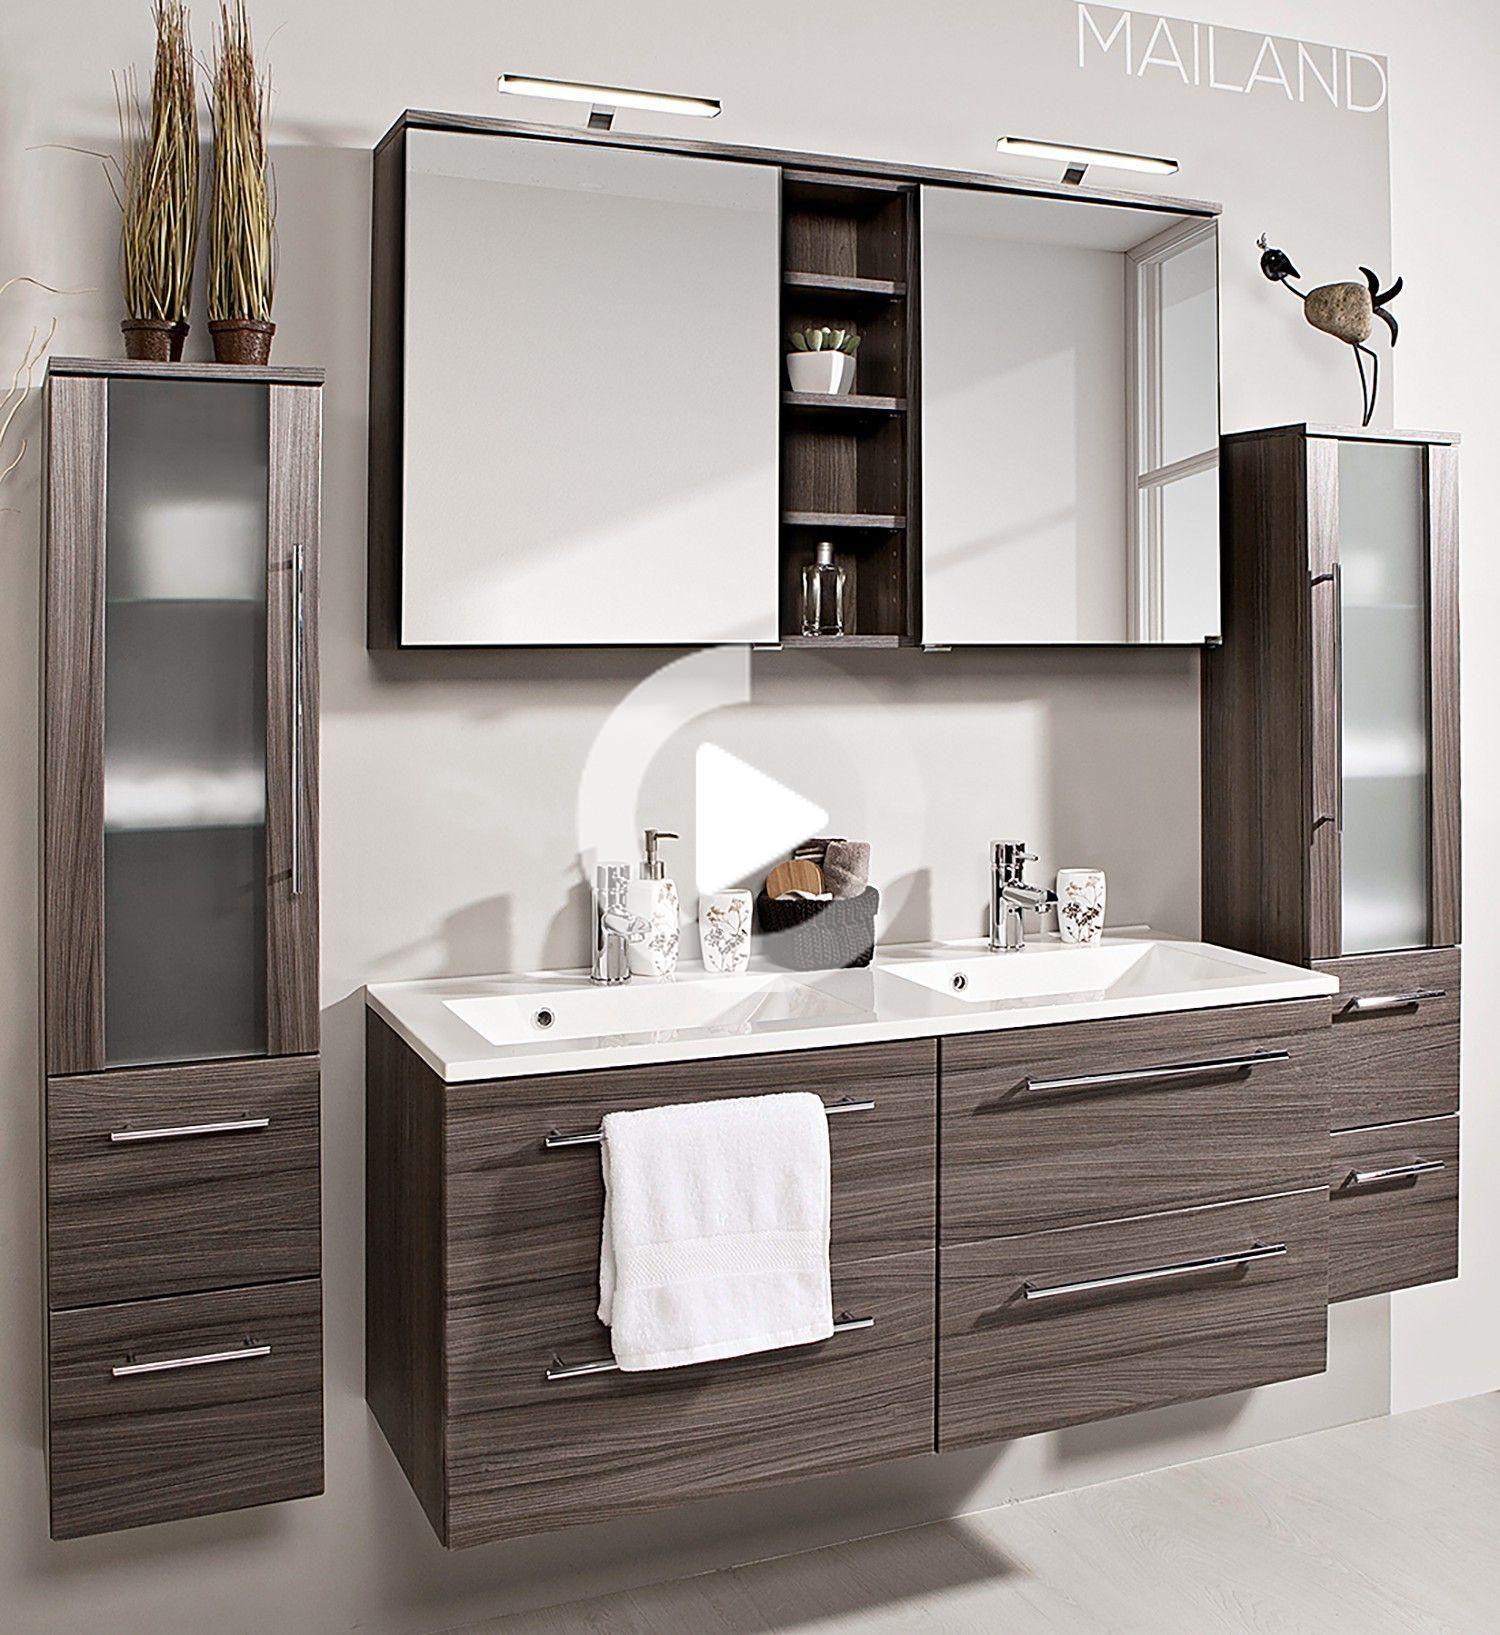 Mirror Cabinet Gali In 2020 Badezimmer Dekor Diy Badezimmer Komplett Badezimmer Innenausstattung